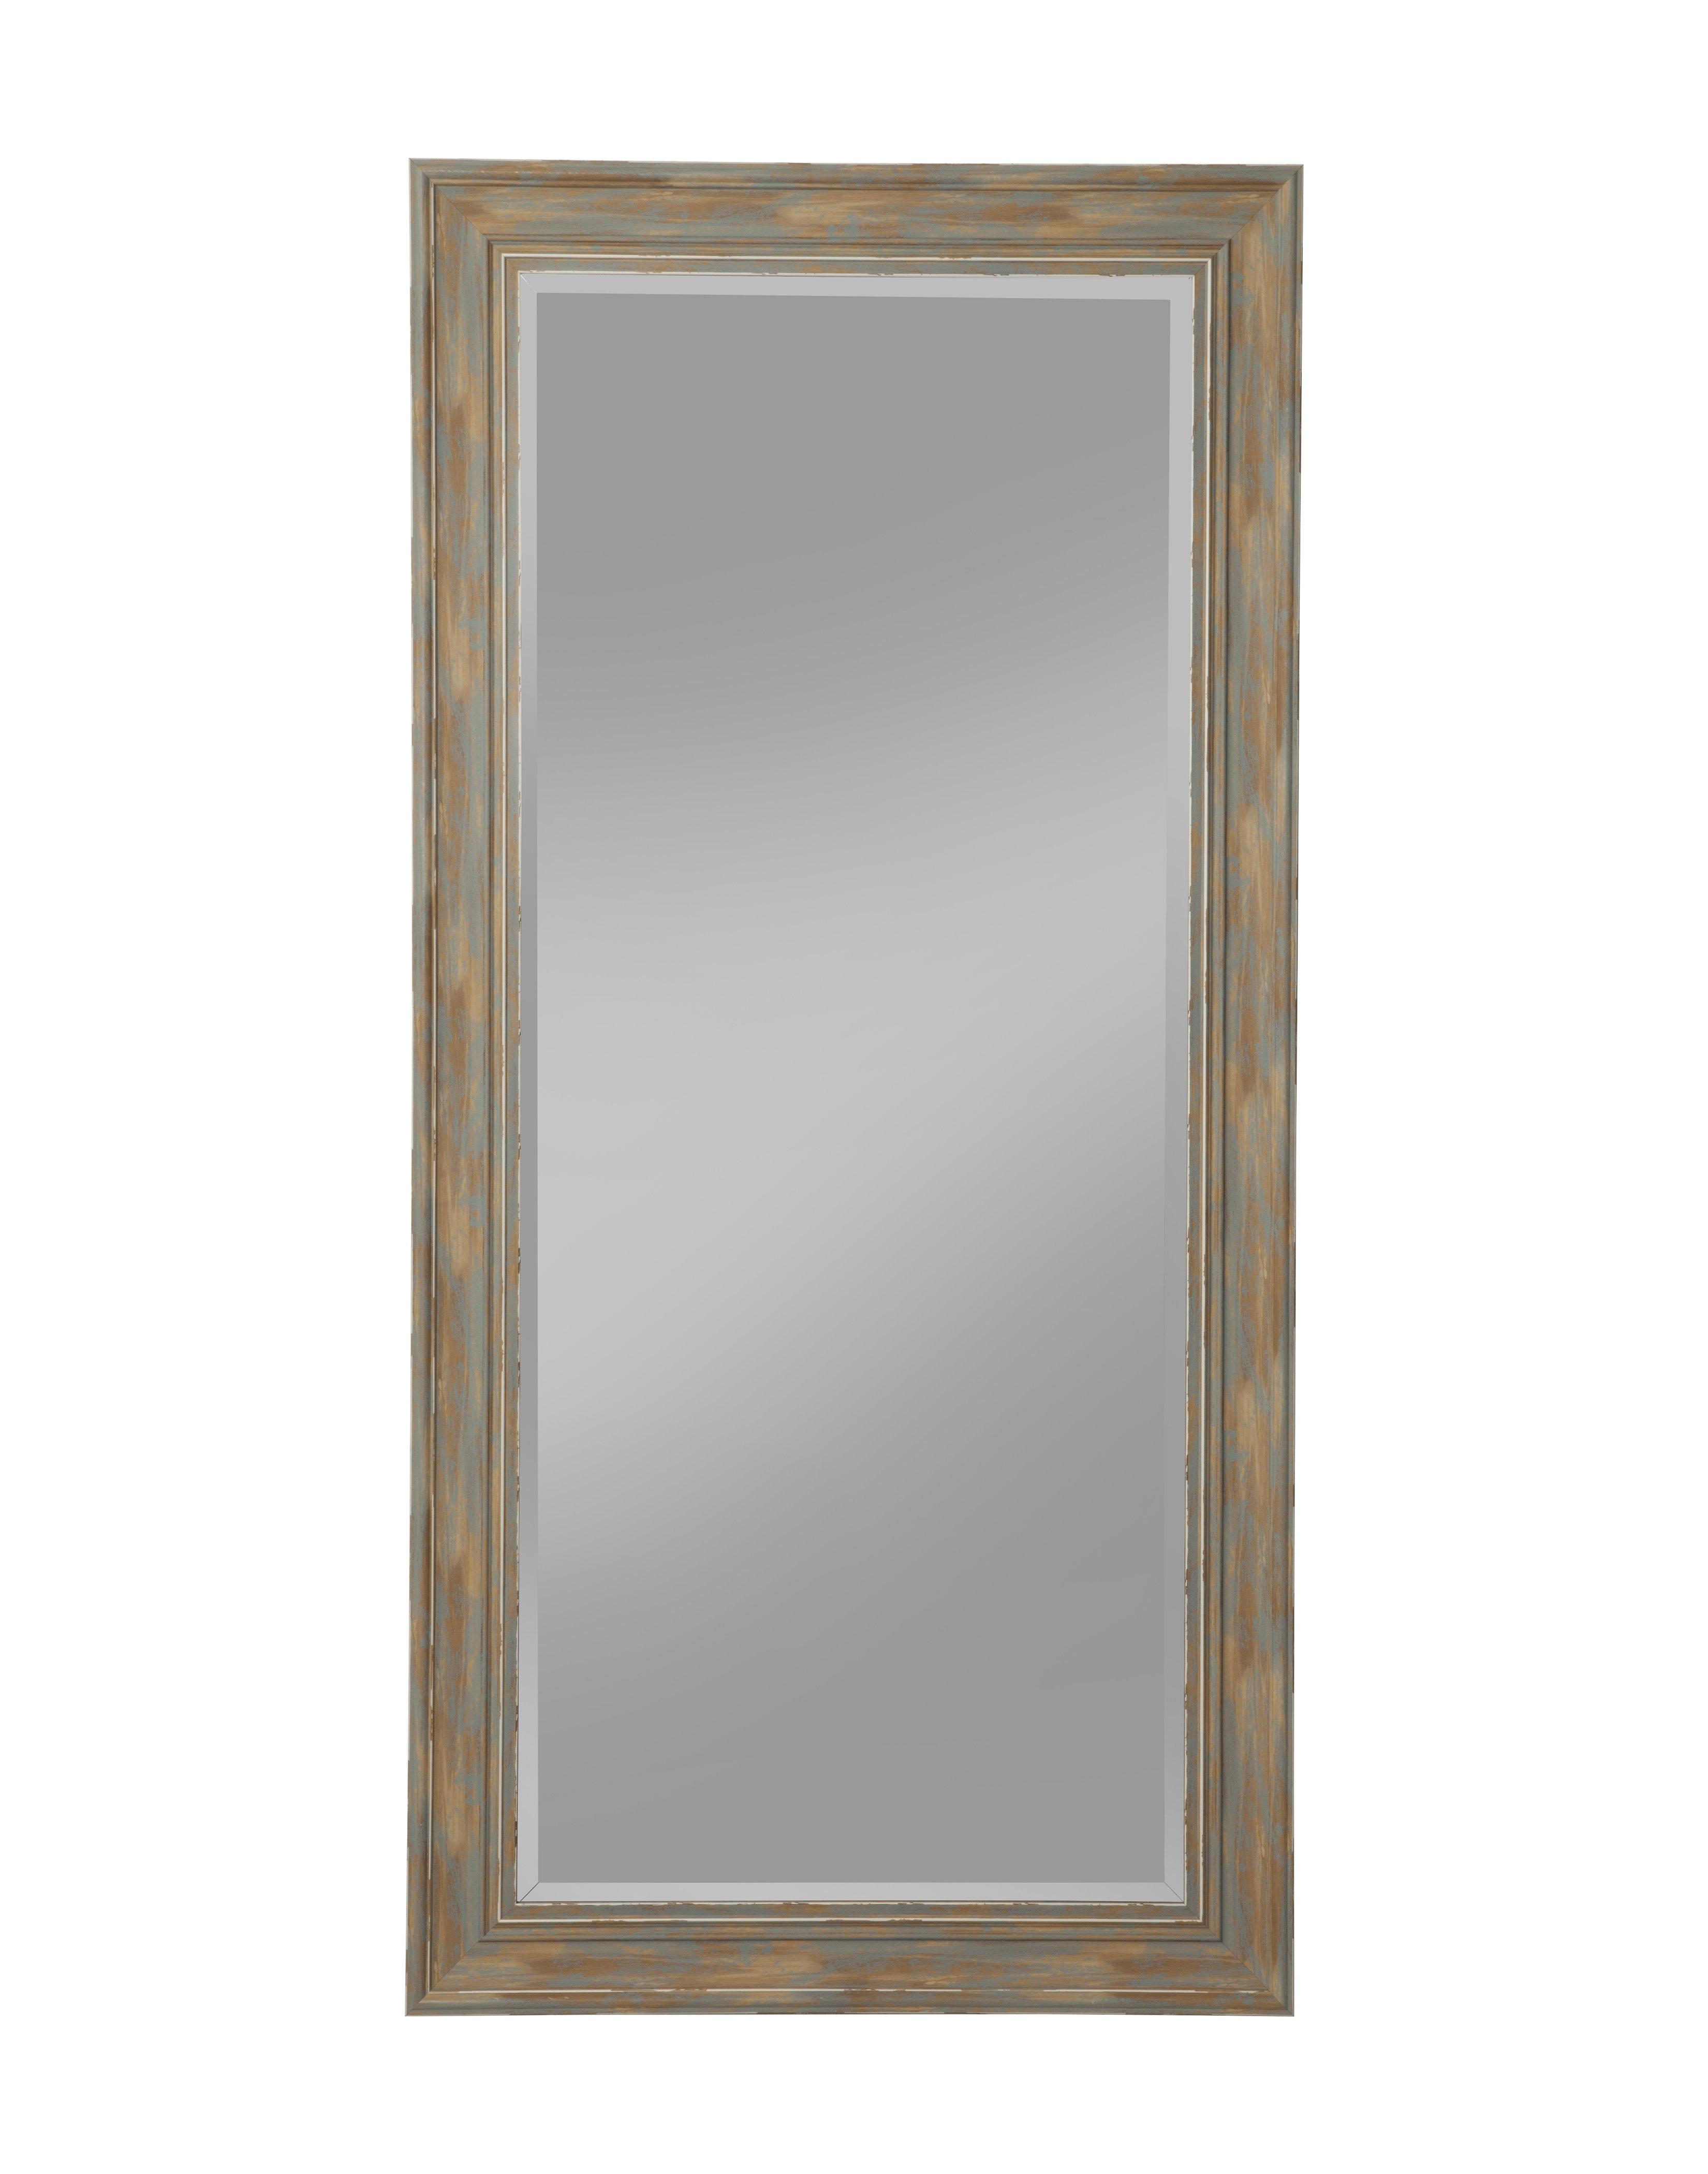 Somerton Bathroom/vanity Mirror For Landover Rustic Distressed Bathroom/vanity Mirrors (Image 18 of 20)